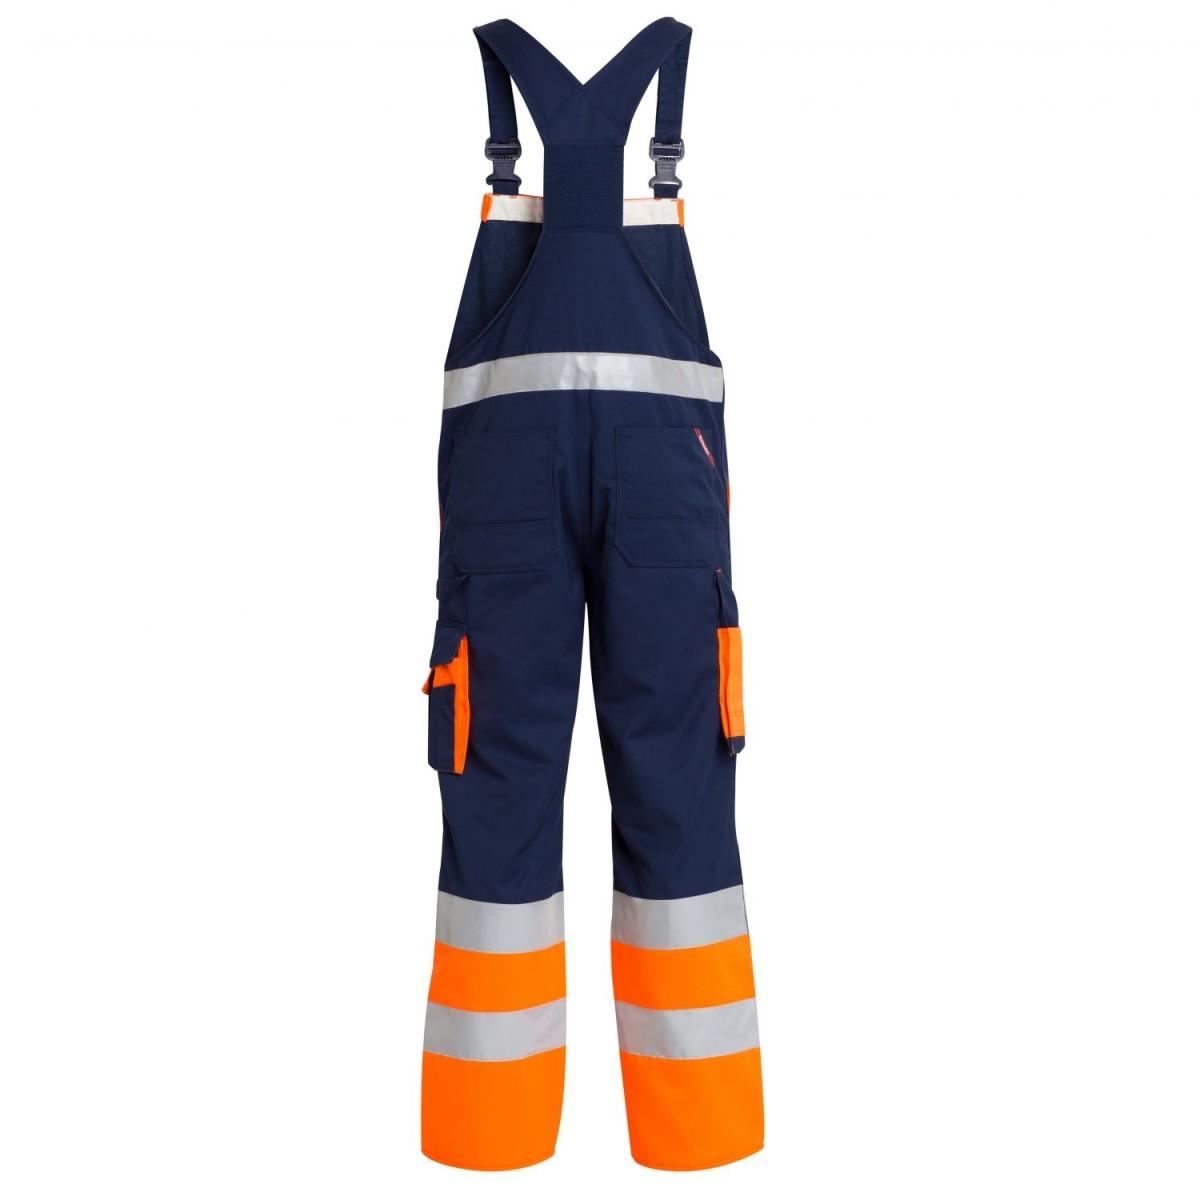 F. Engel Safety EN 20471 Overall med elastik-31